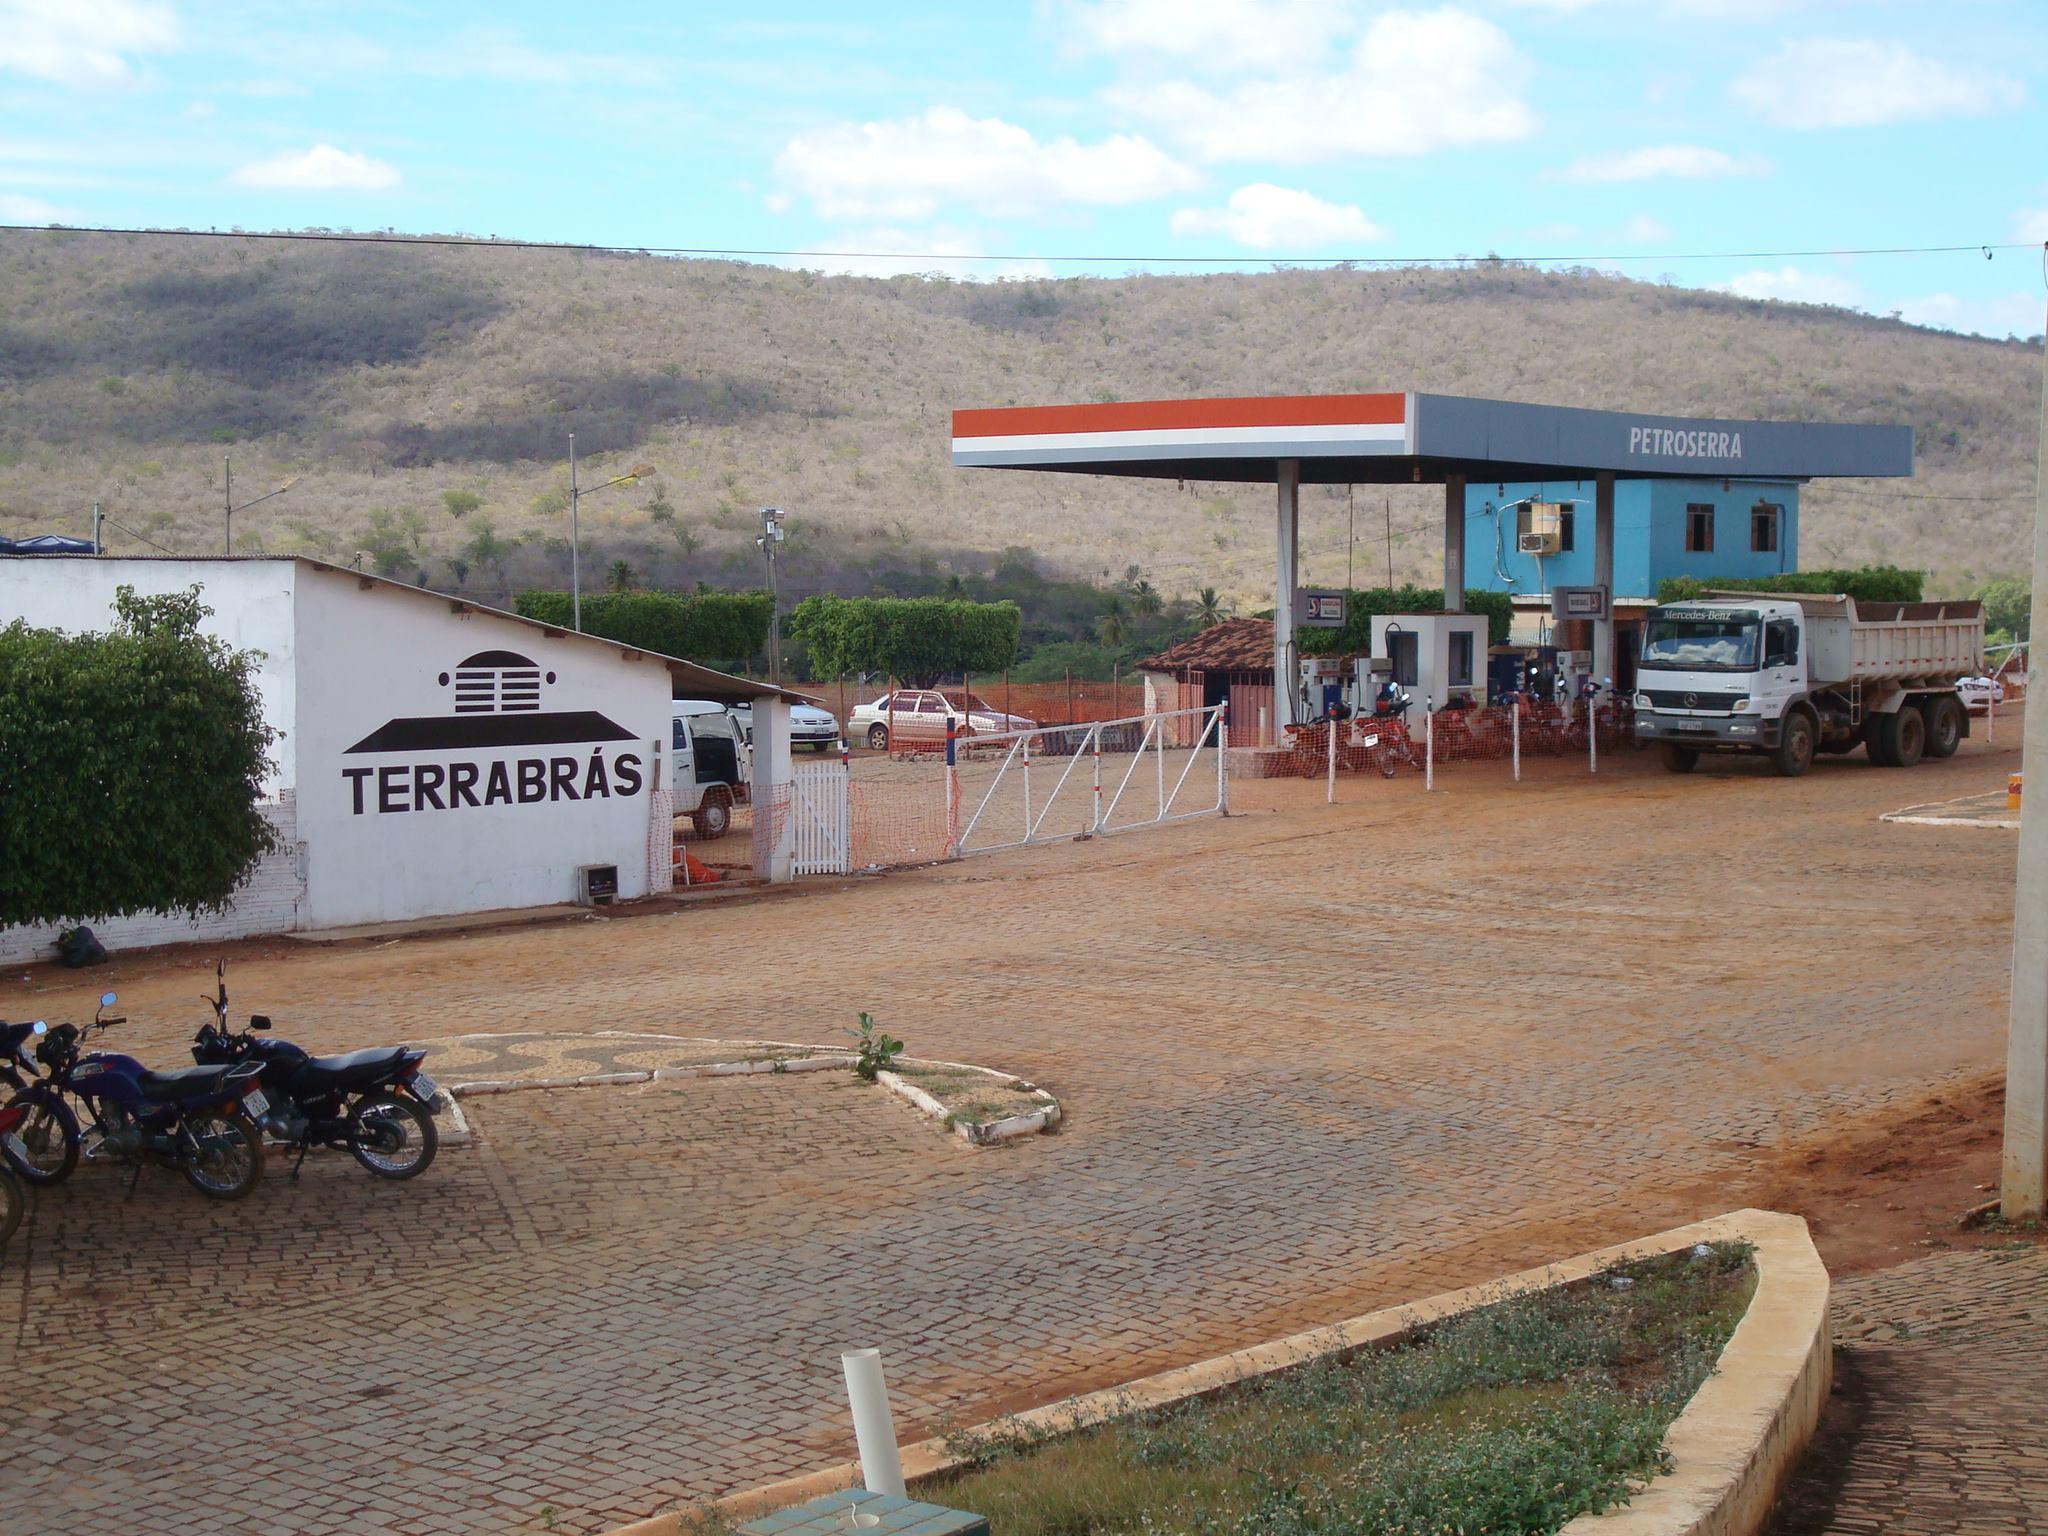 Fotos-uit-de-regio-van-Ibitiara-en-Seabra-aan-de-grote-BR-242-26